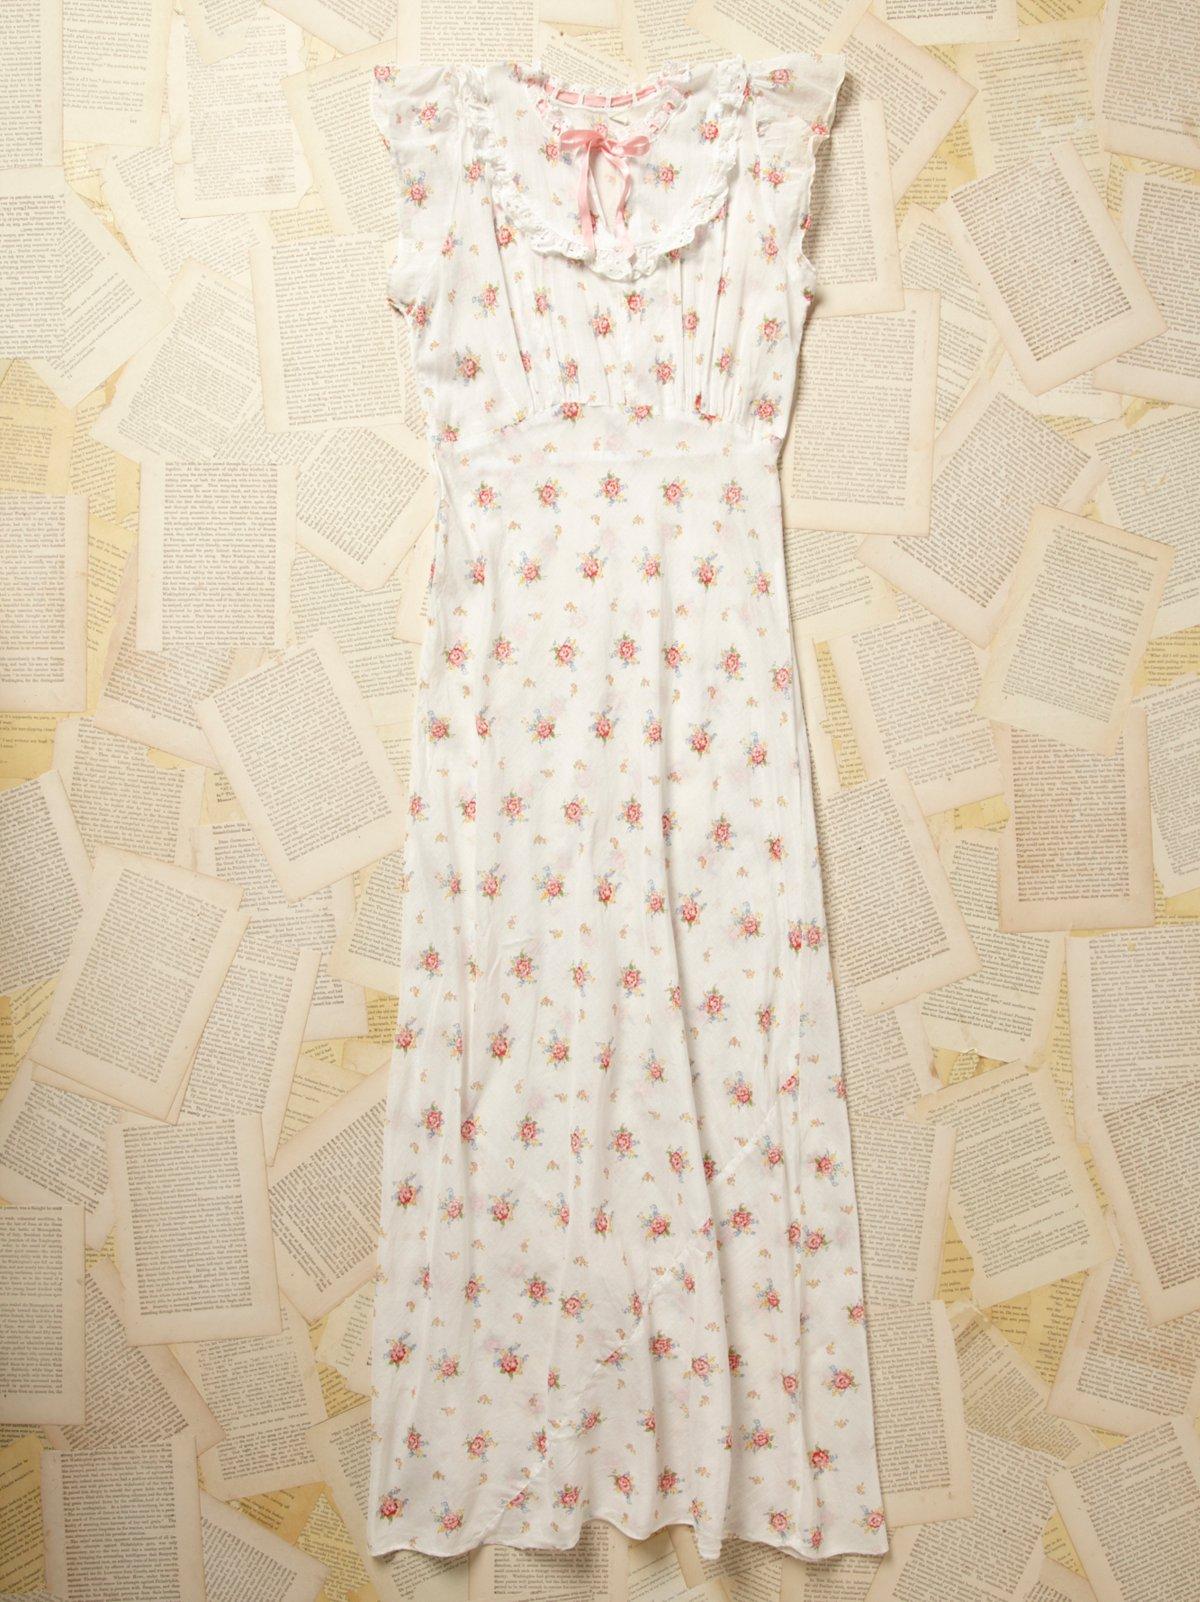 Vintage 1960s Cotton Floral Slip Dress